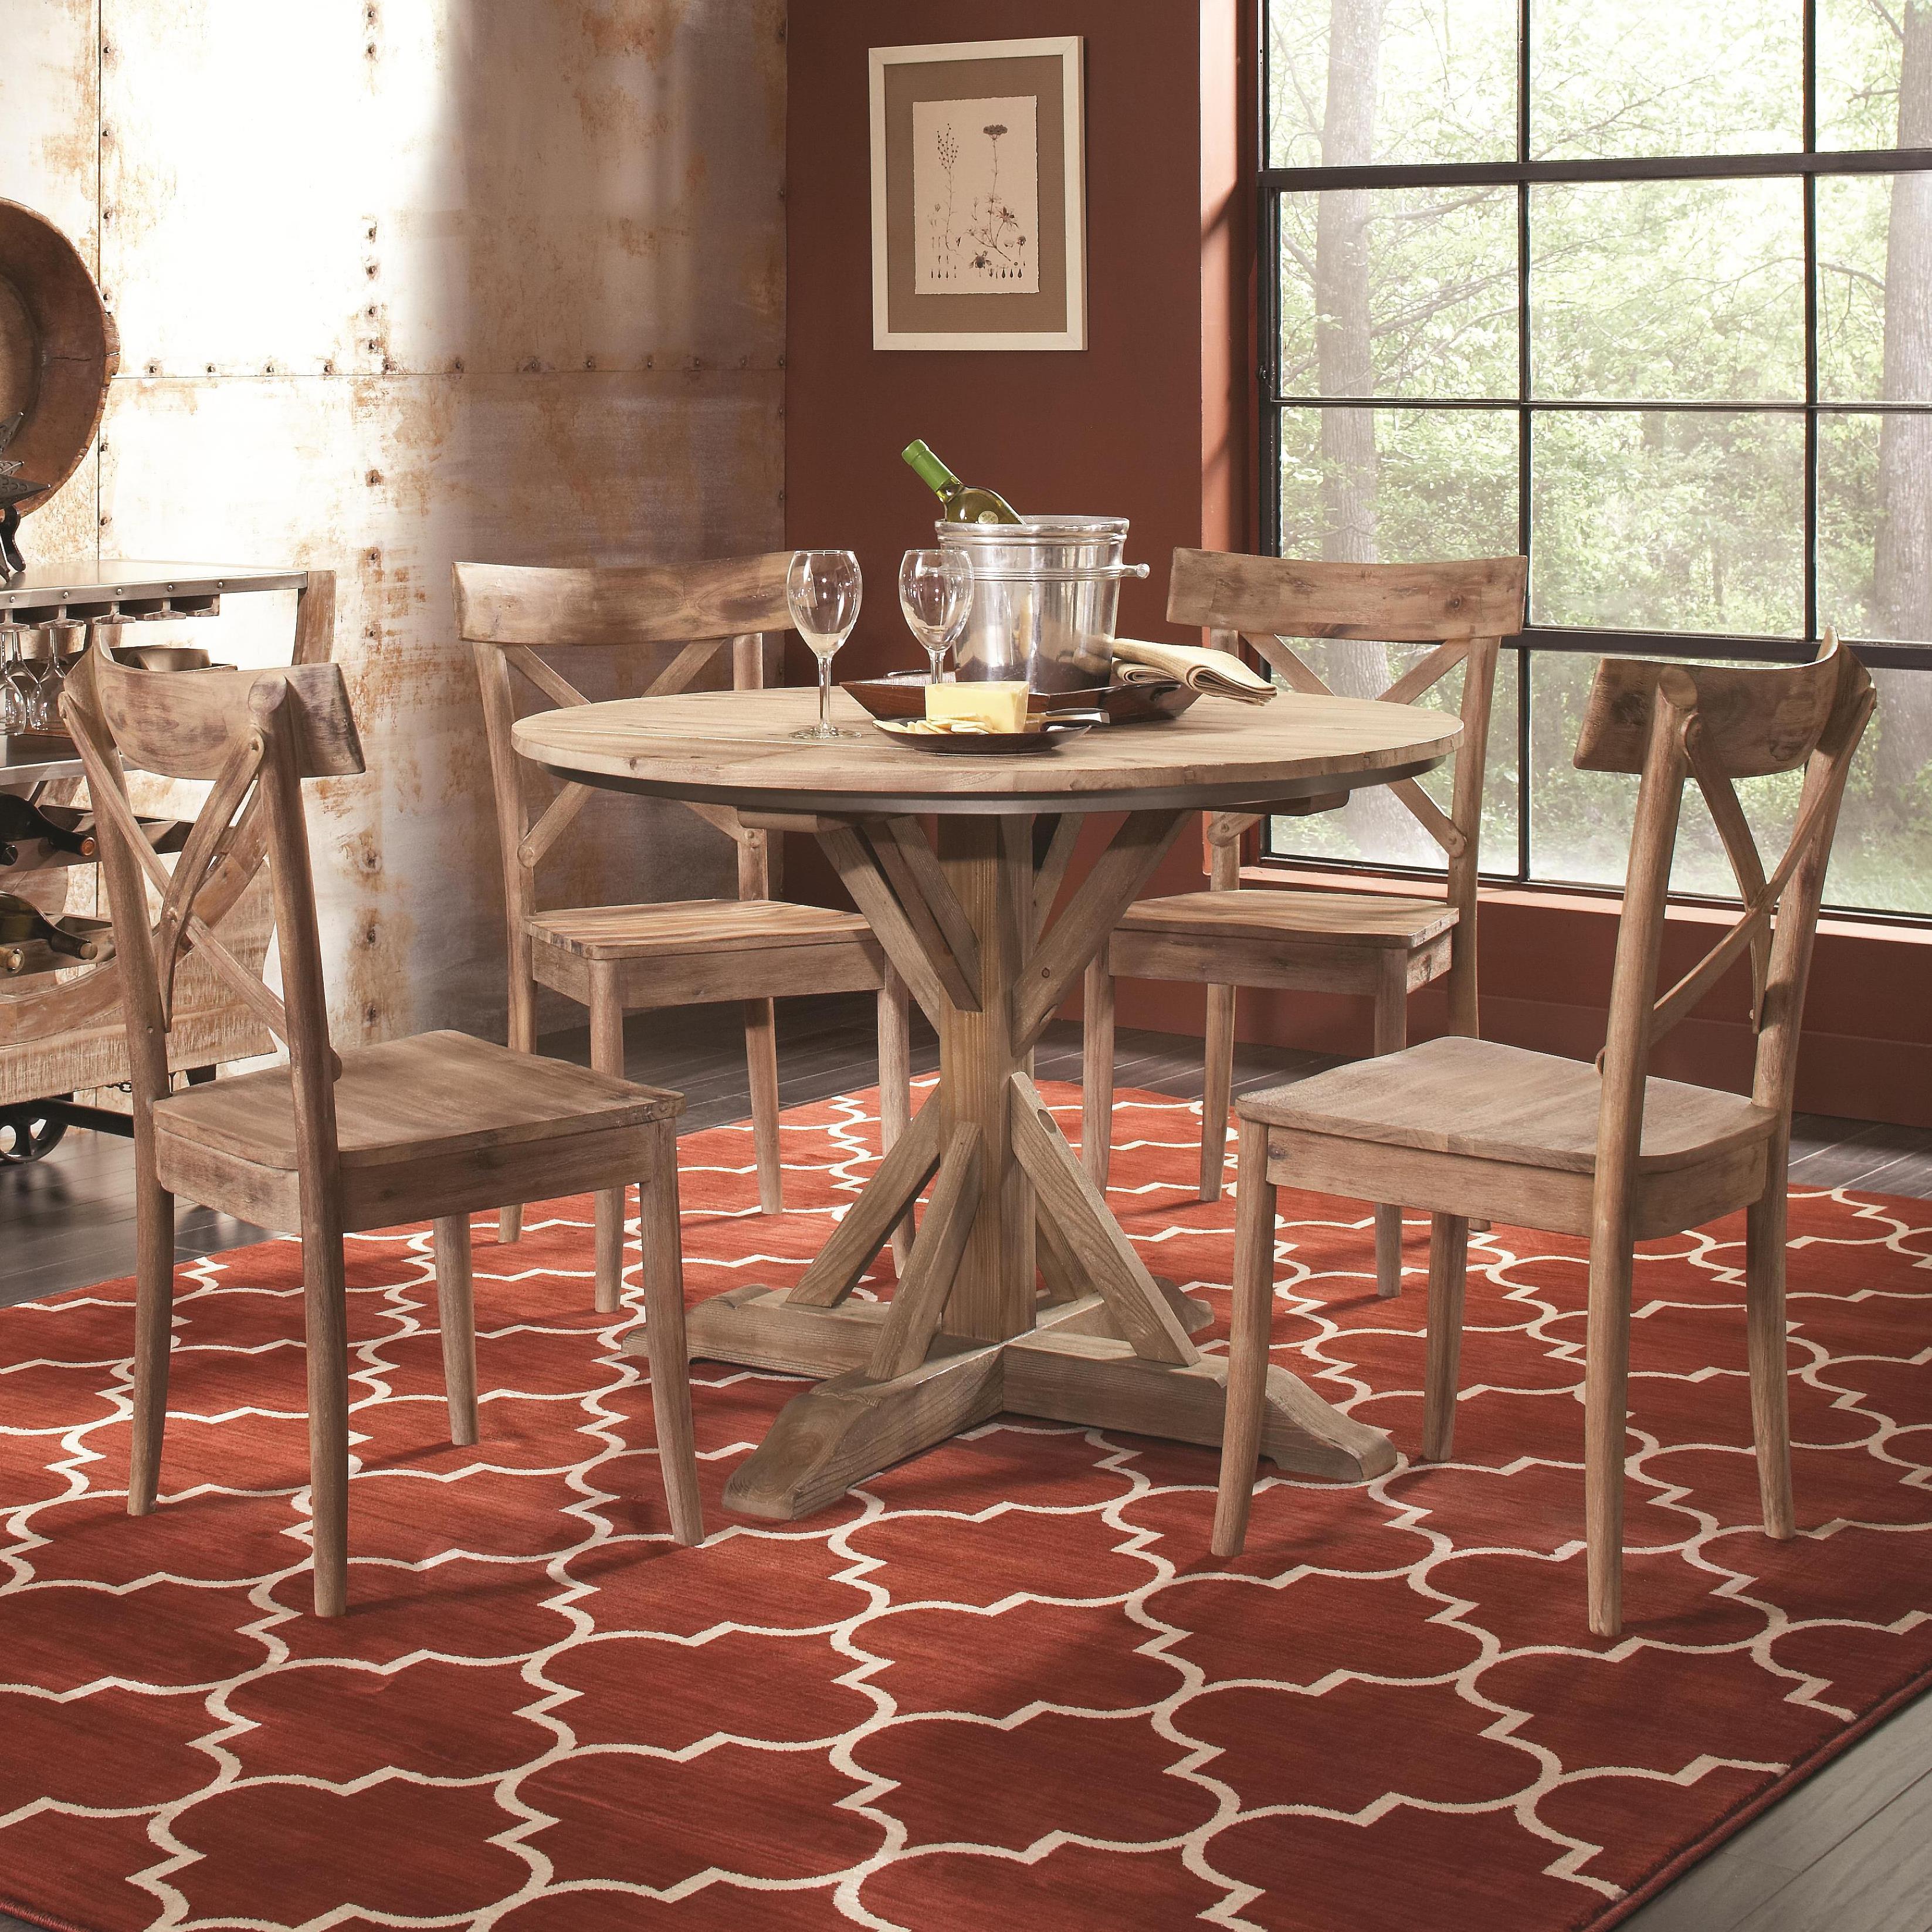 Largo Callista D680 30 Rustic Casual Round Pedestal Table